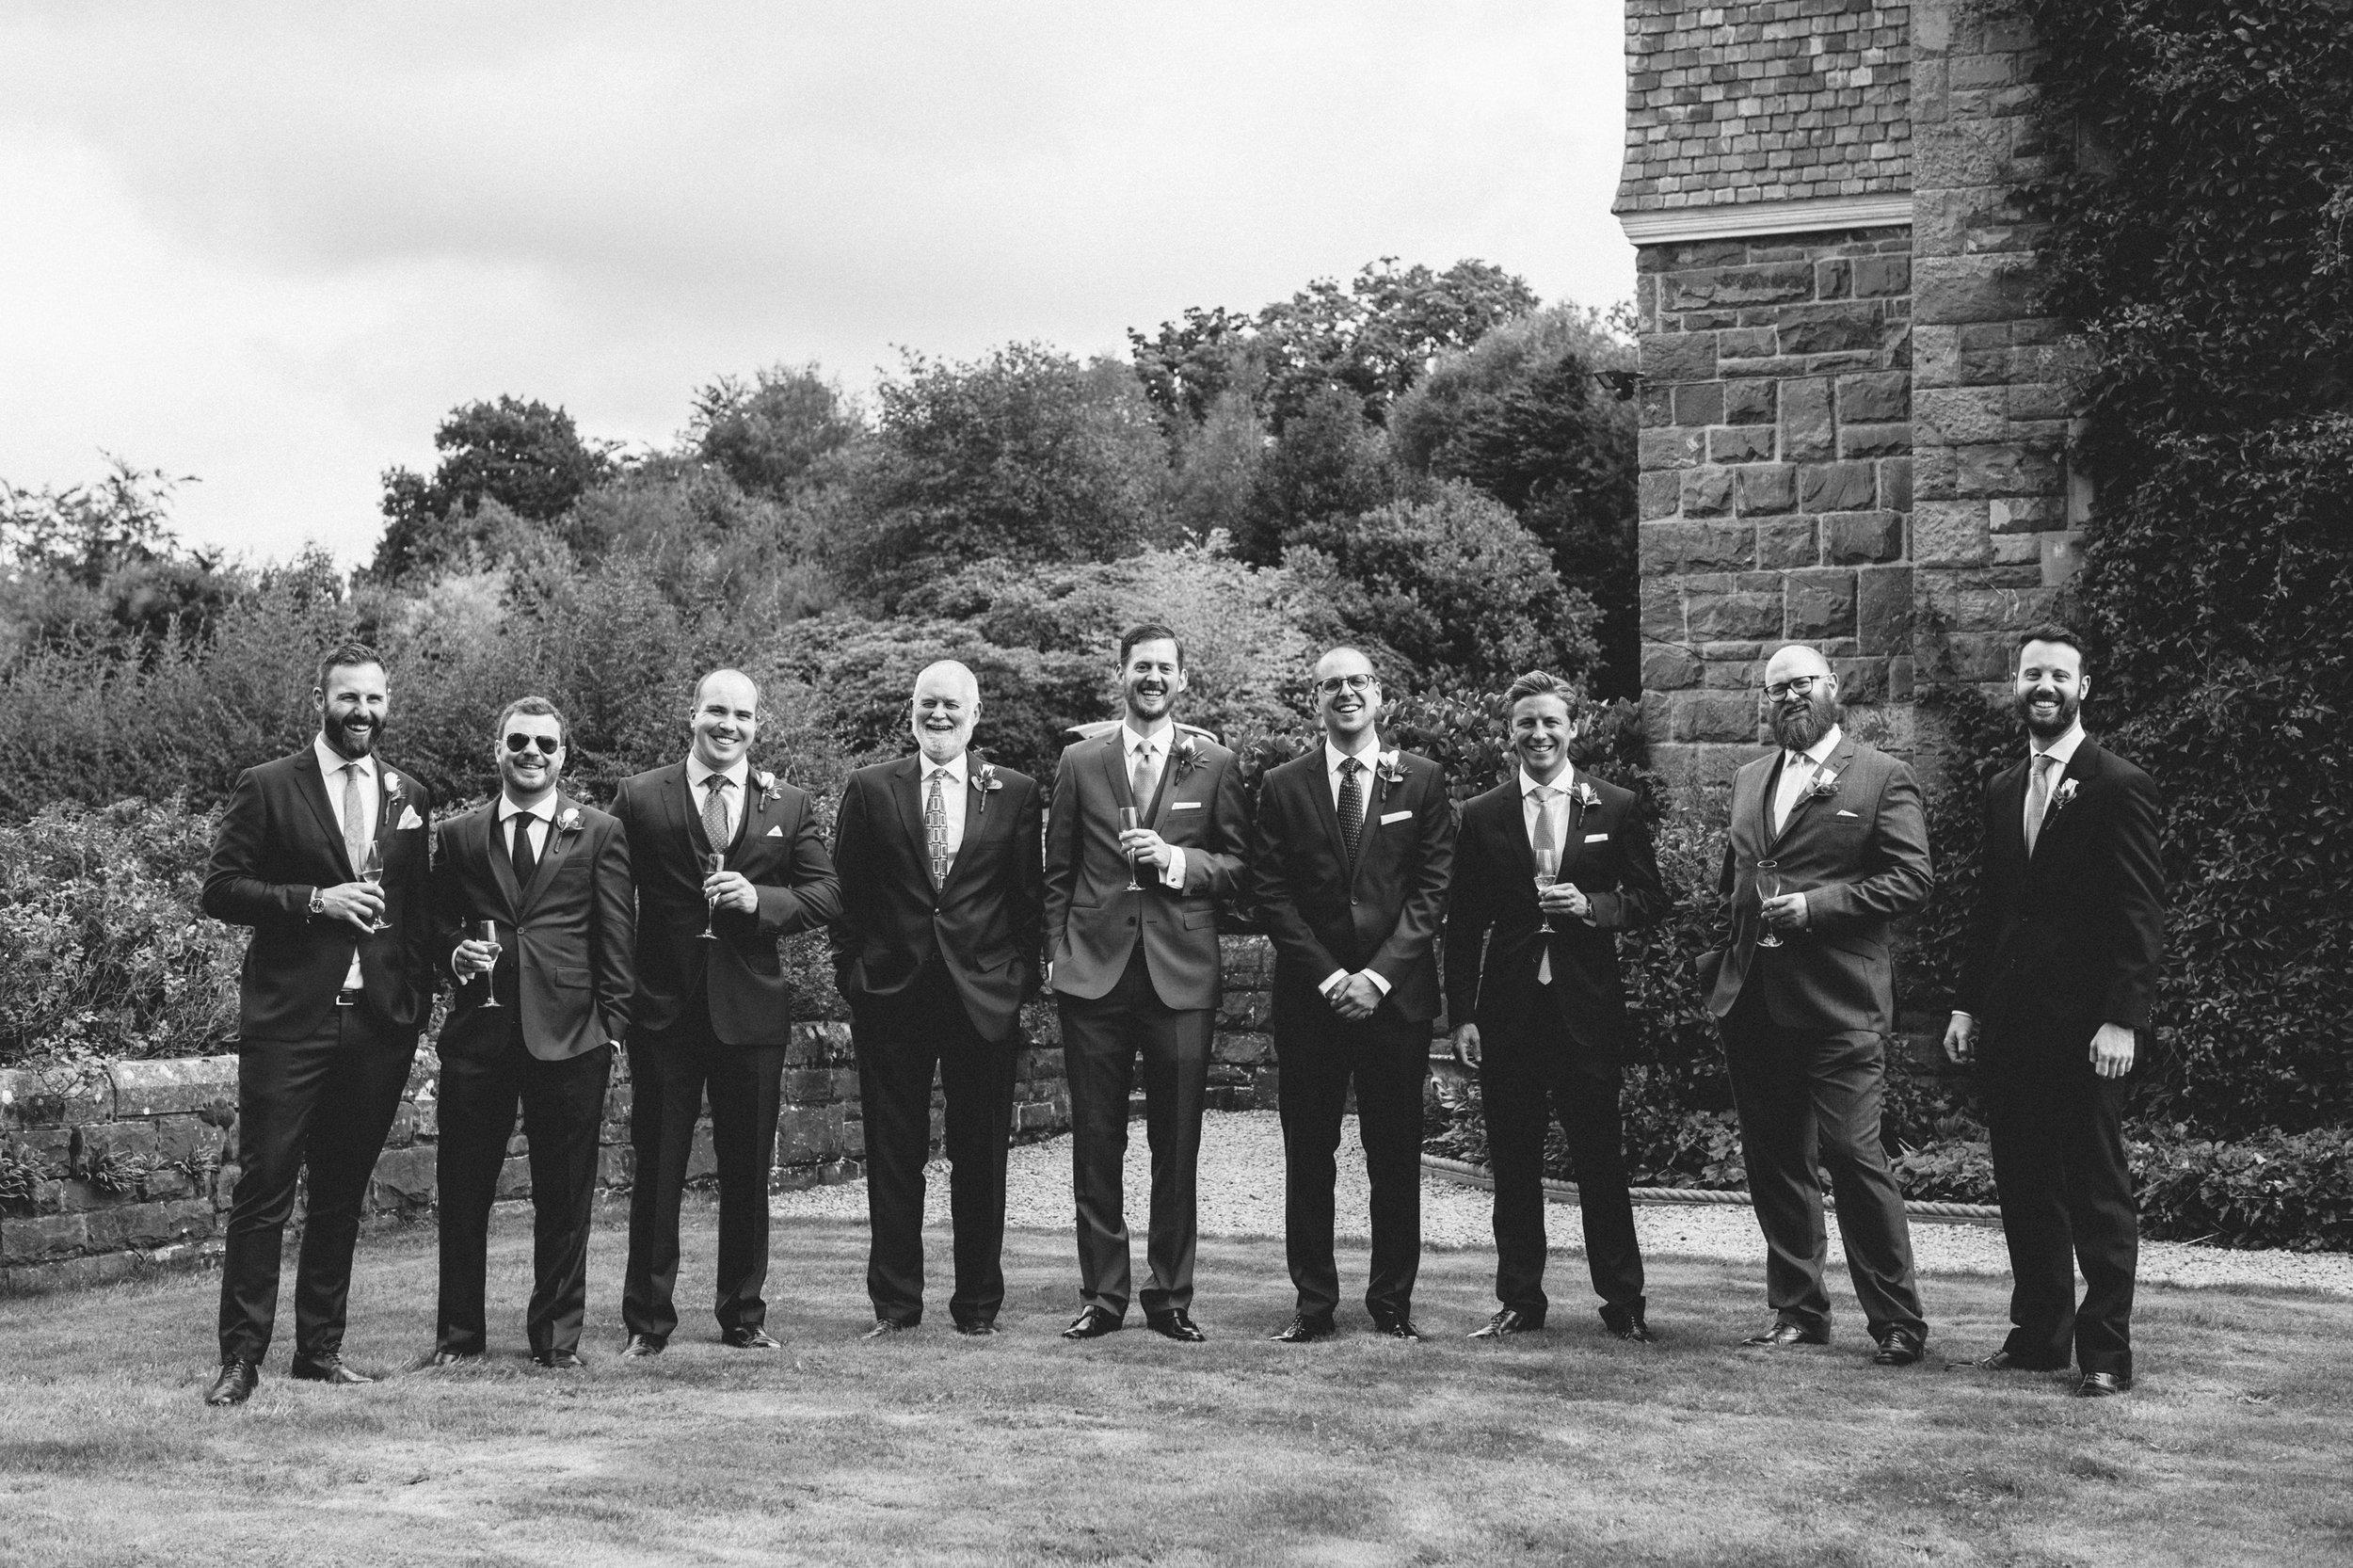 uk wedding photographer artistic wedding photography-26.jpg